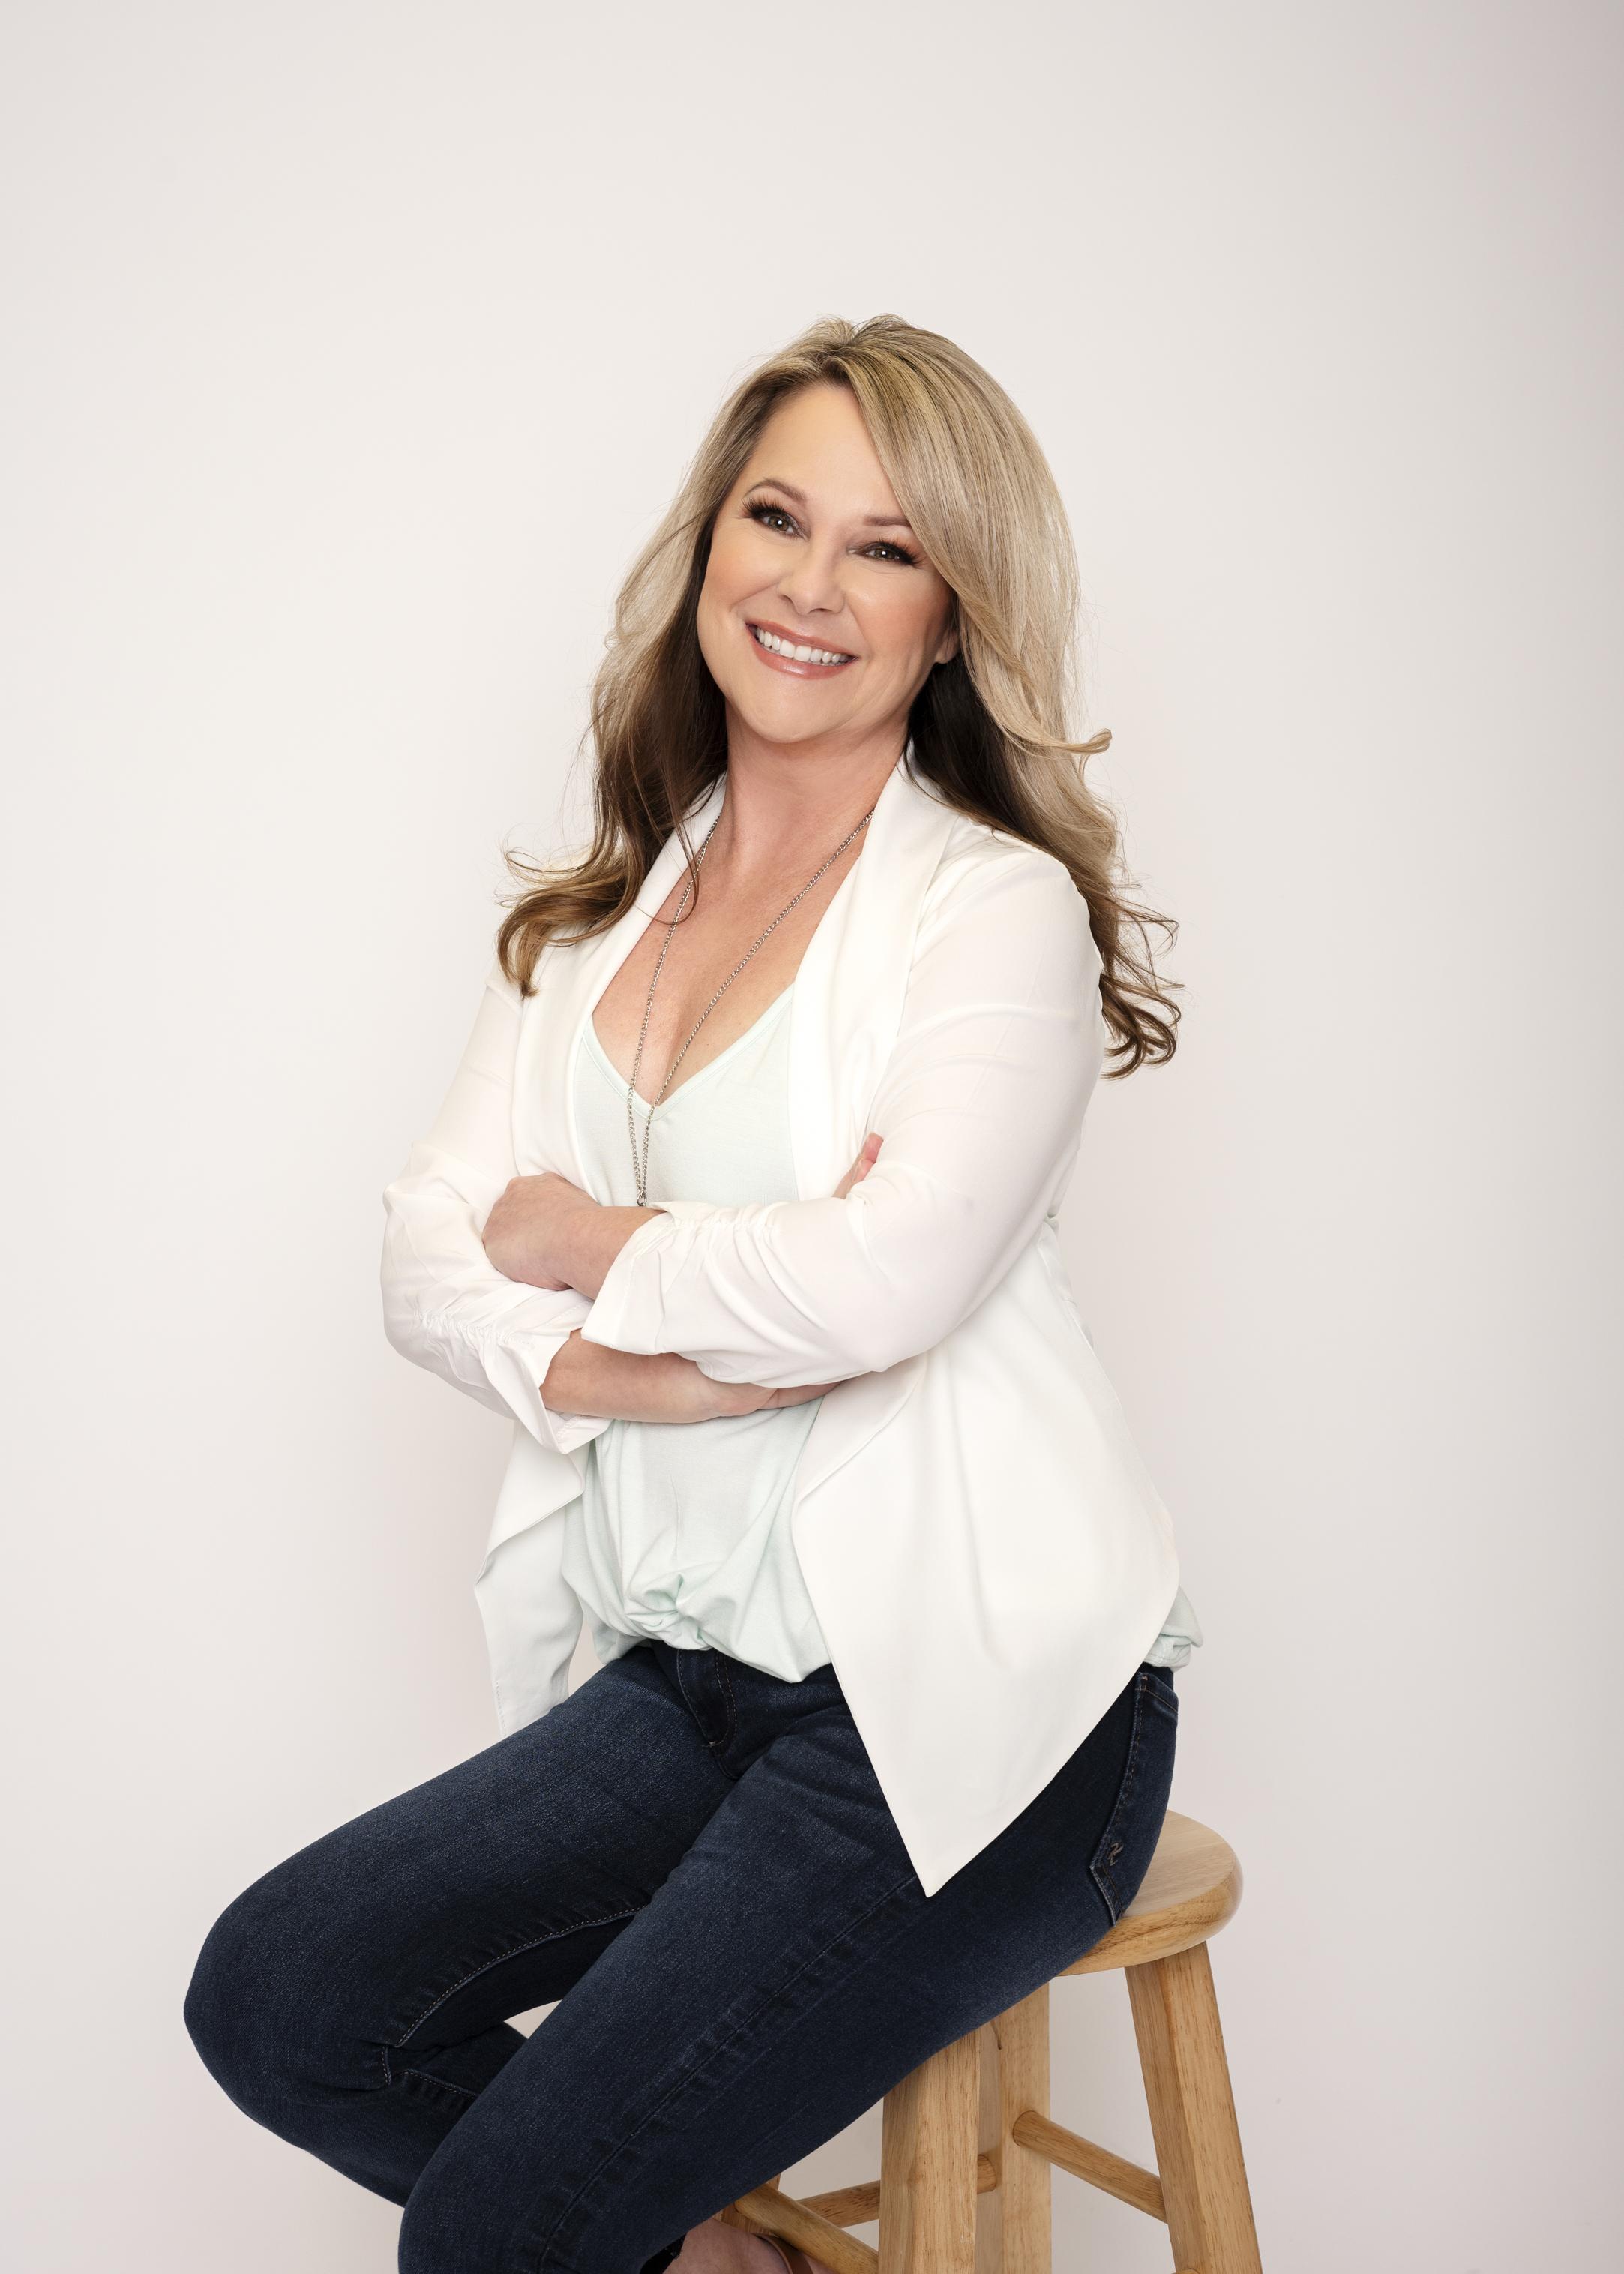 Brooke Clevenger